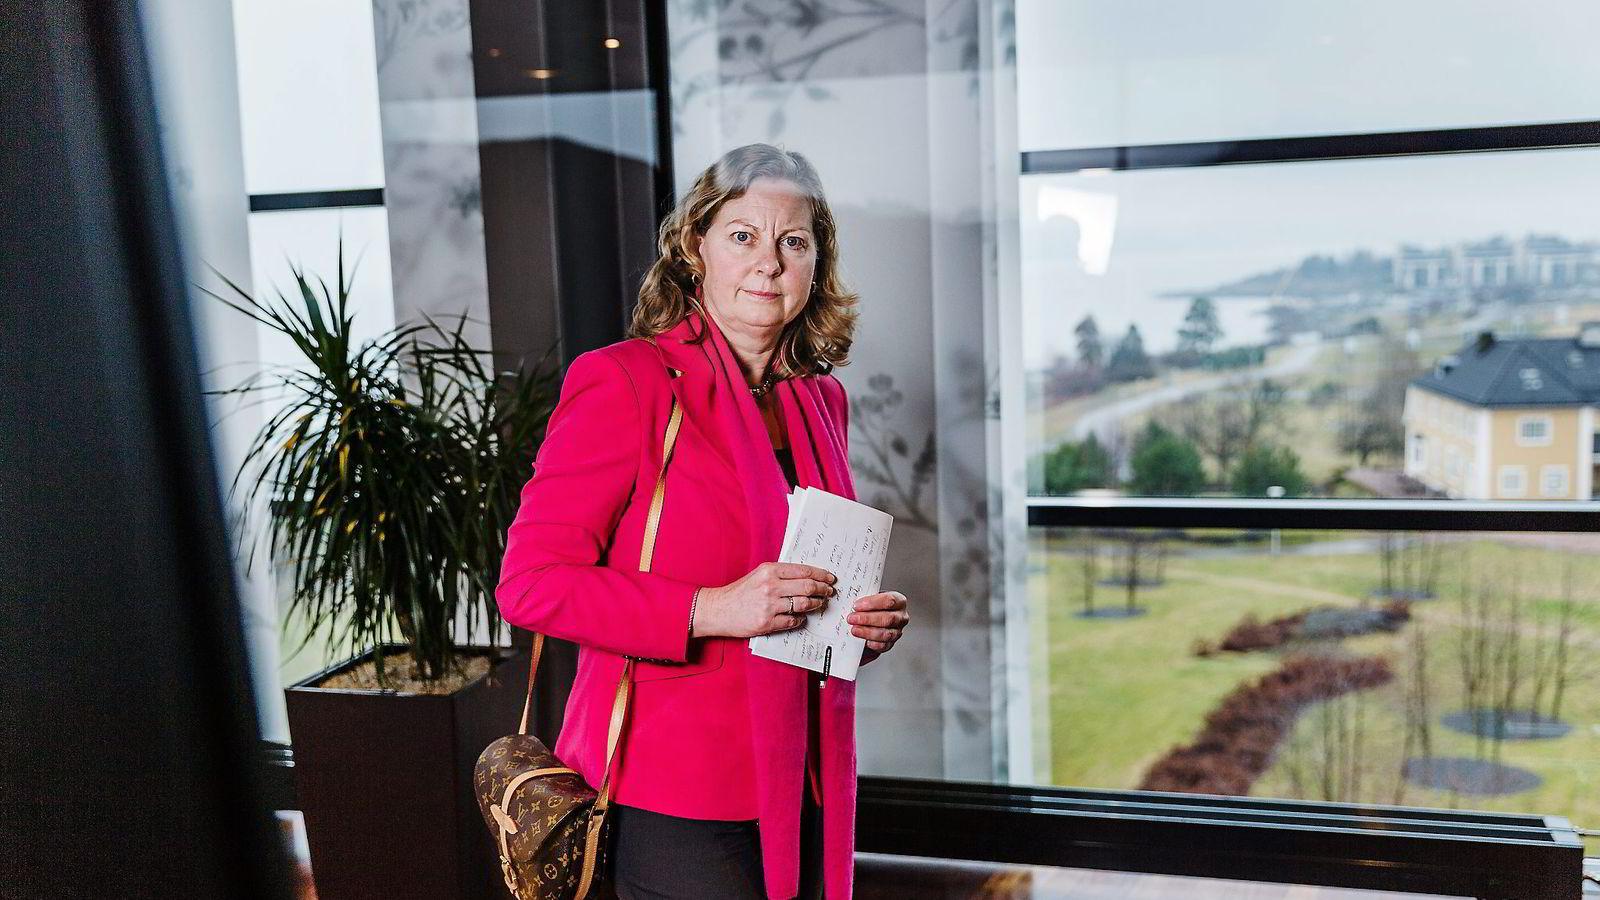 Berit Svendsen skal ikke ha vært en av de tre kandidatene som gikk videre til intervju med styret i Telenor. Foto: Per Thrana